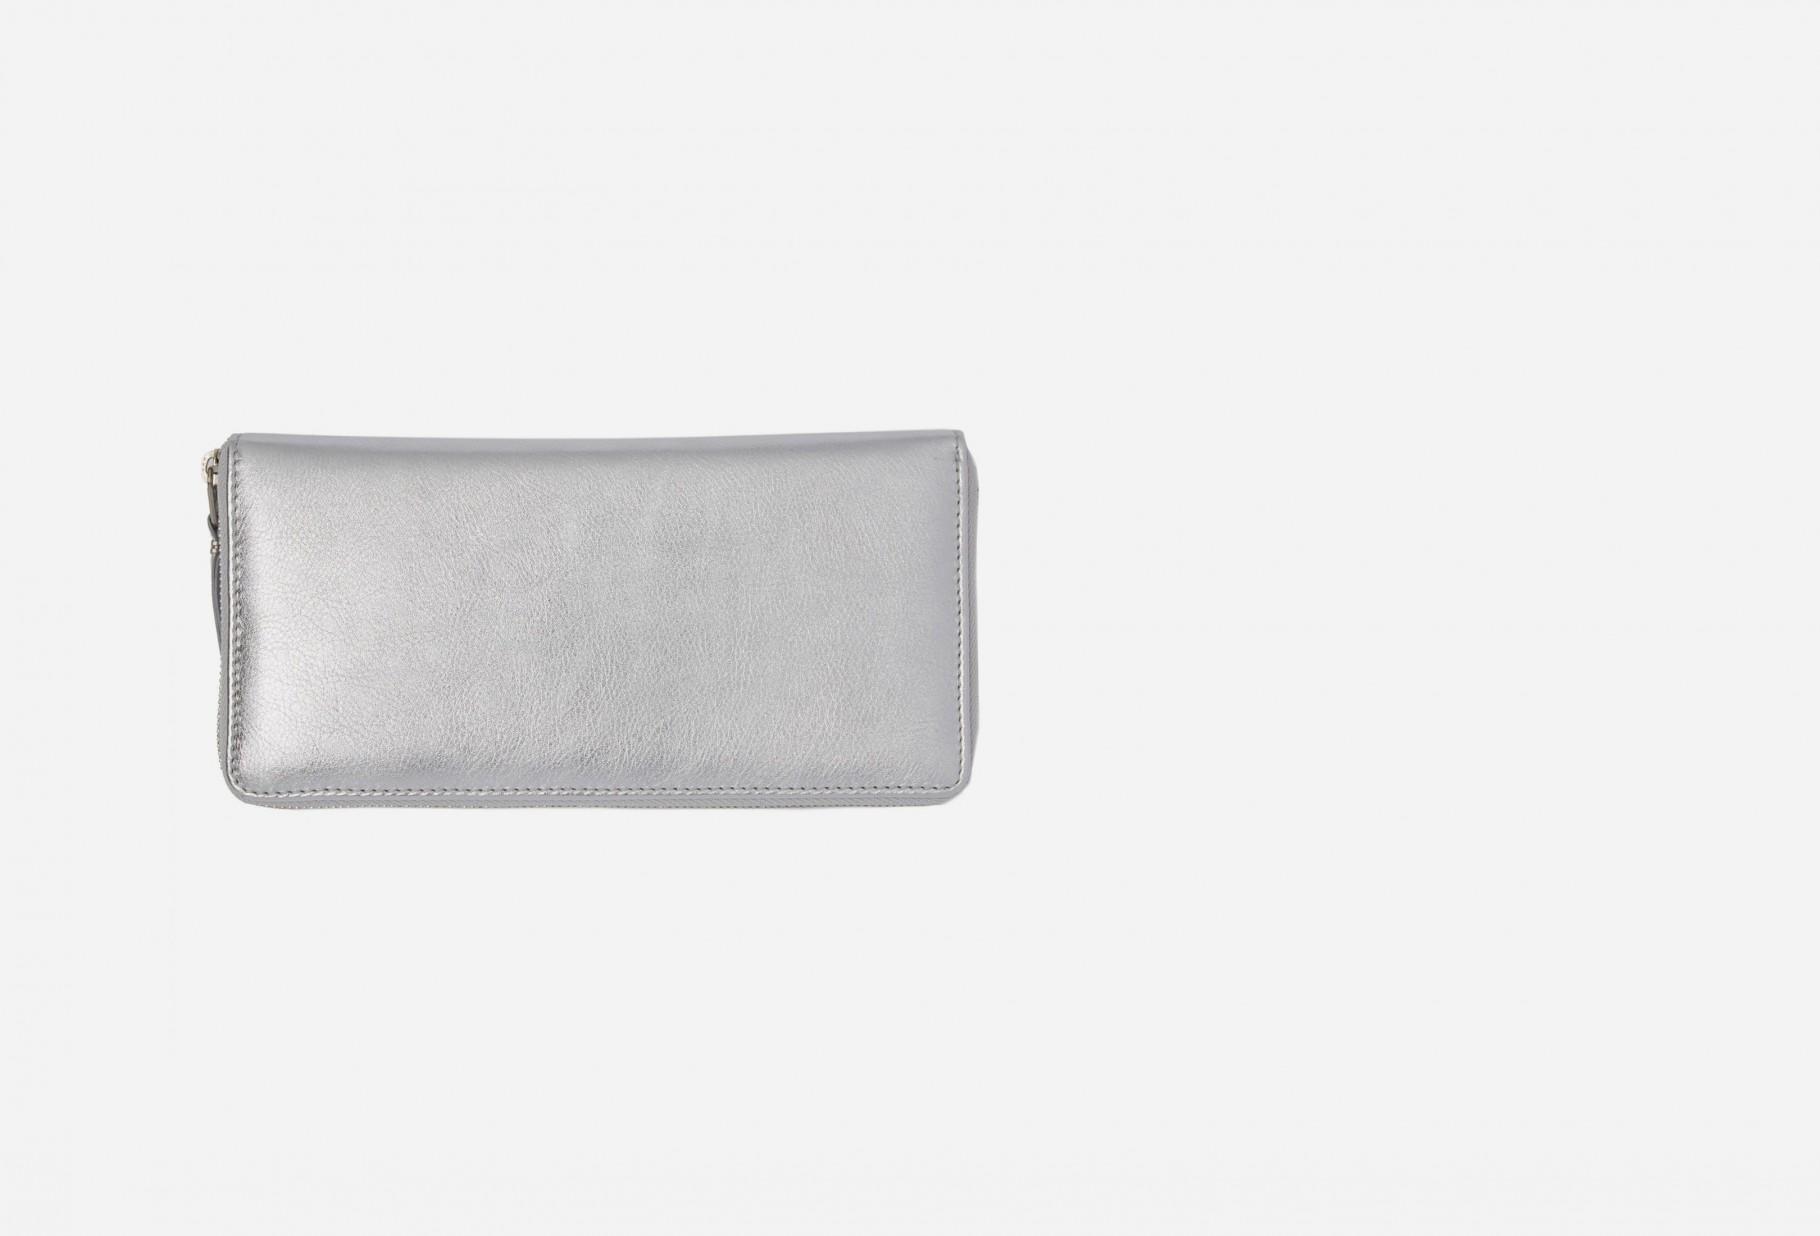 CDG WALLETS / Cdg silver wallet sa0110g Silver